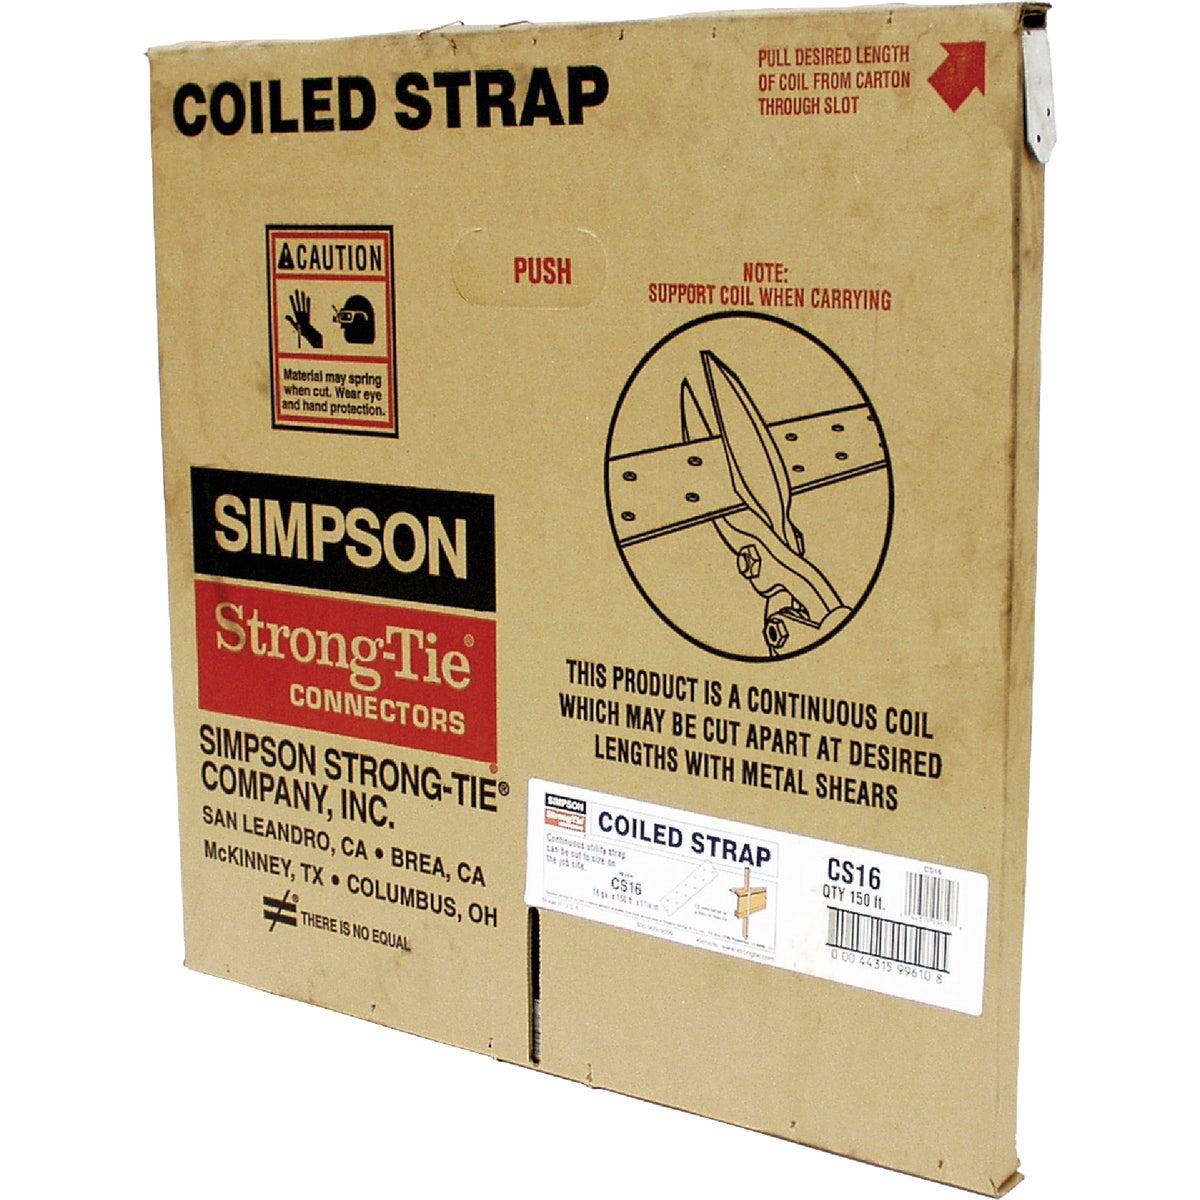 Simpson Strong-Tie 150' 16GA COILED STRAP CS16